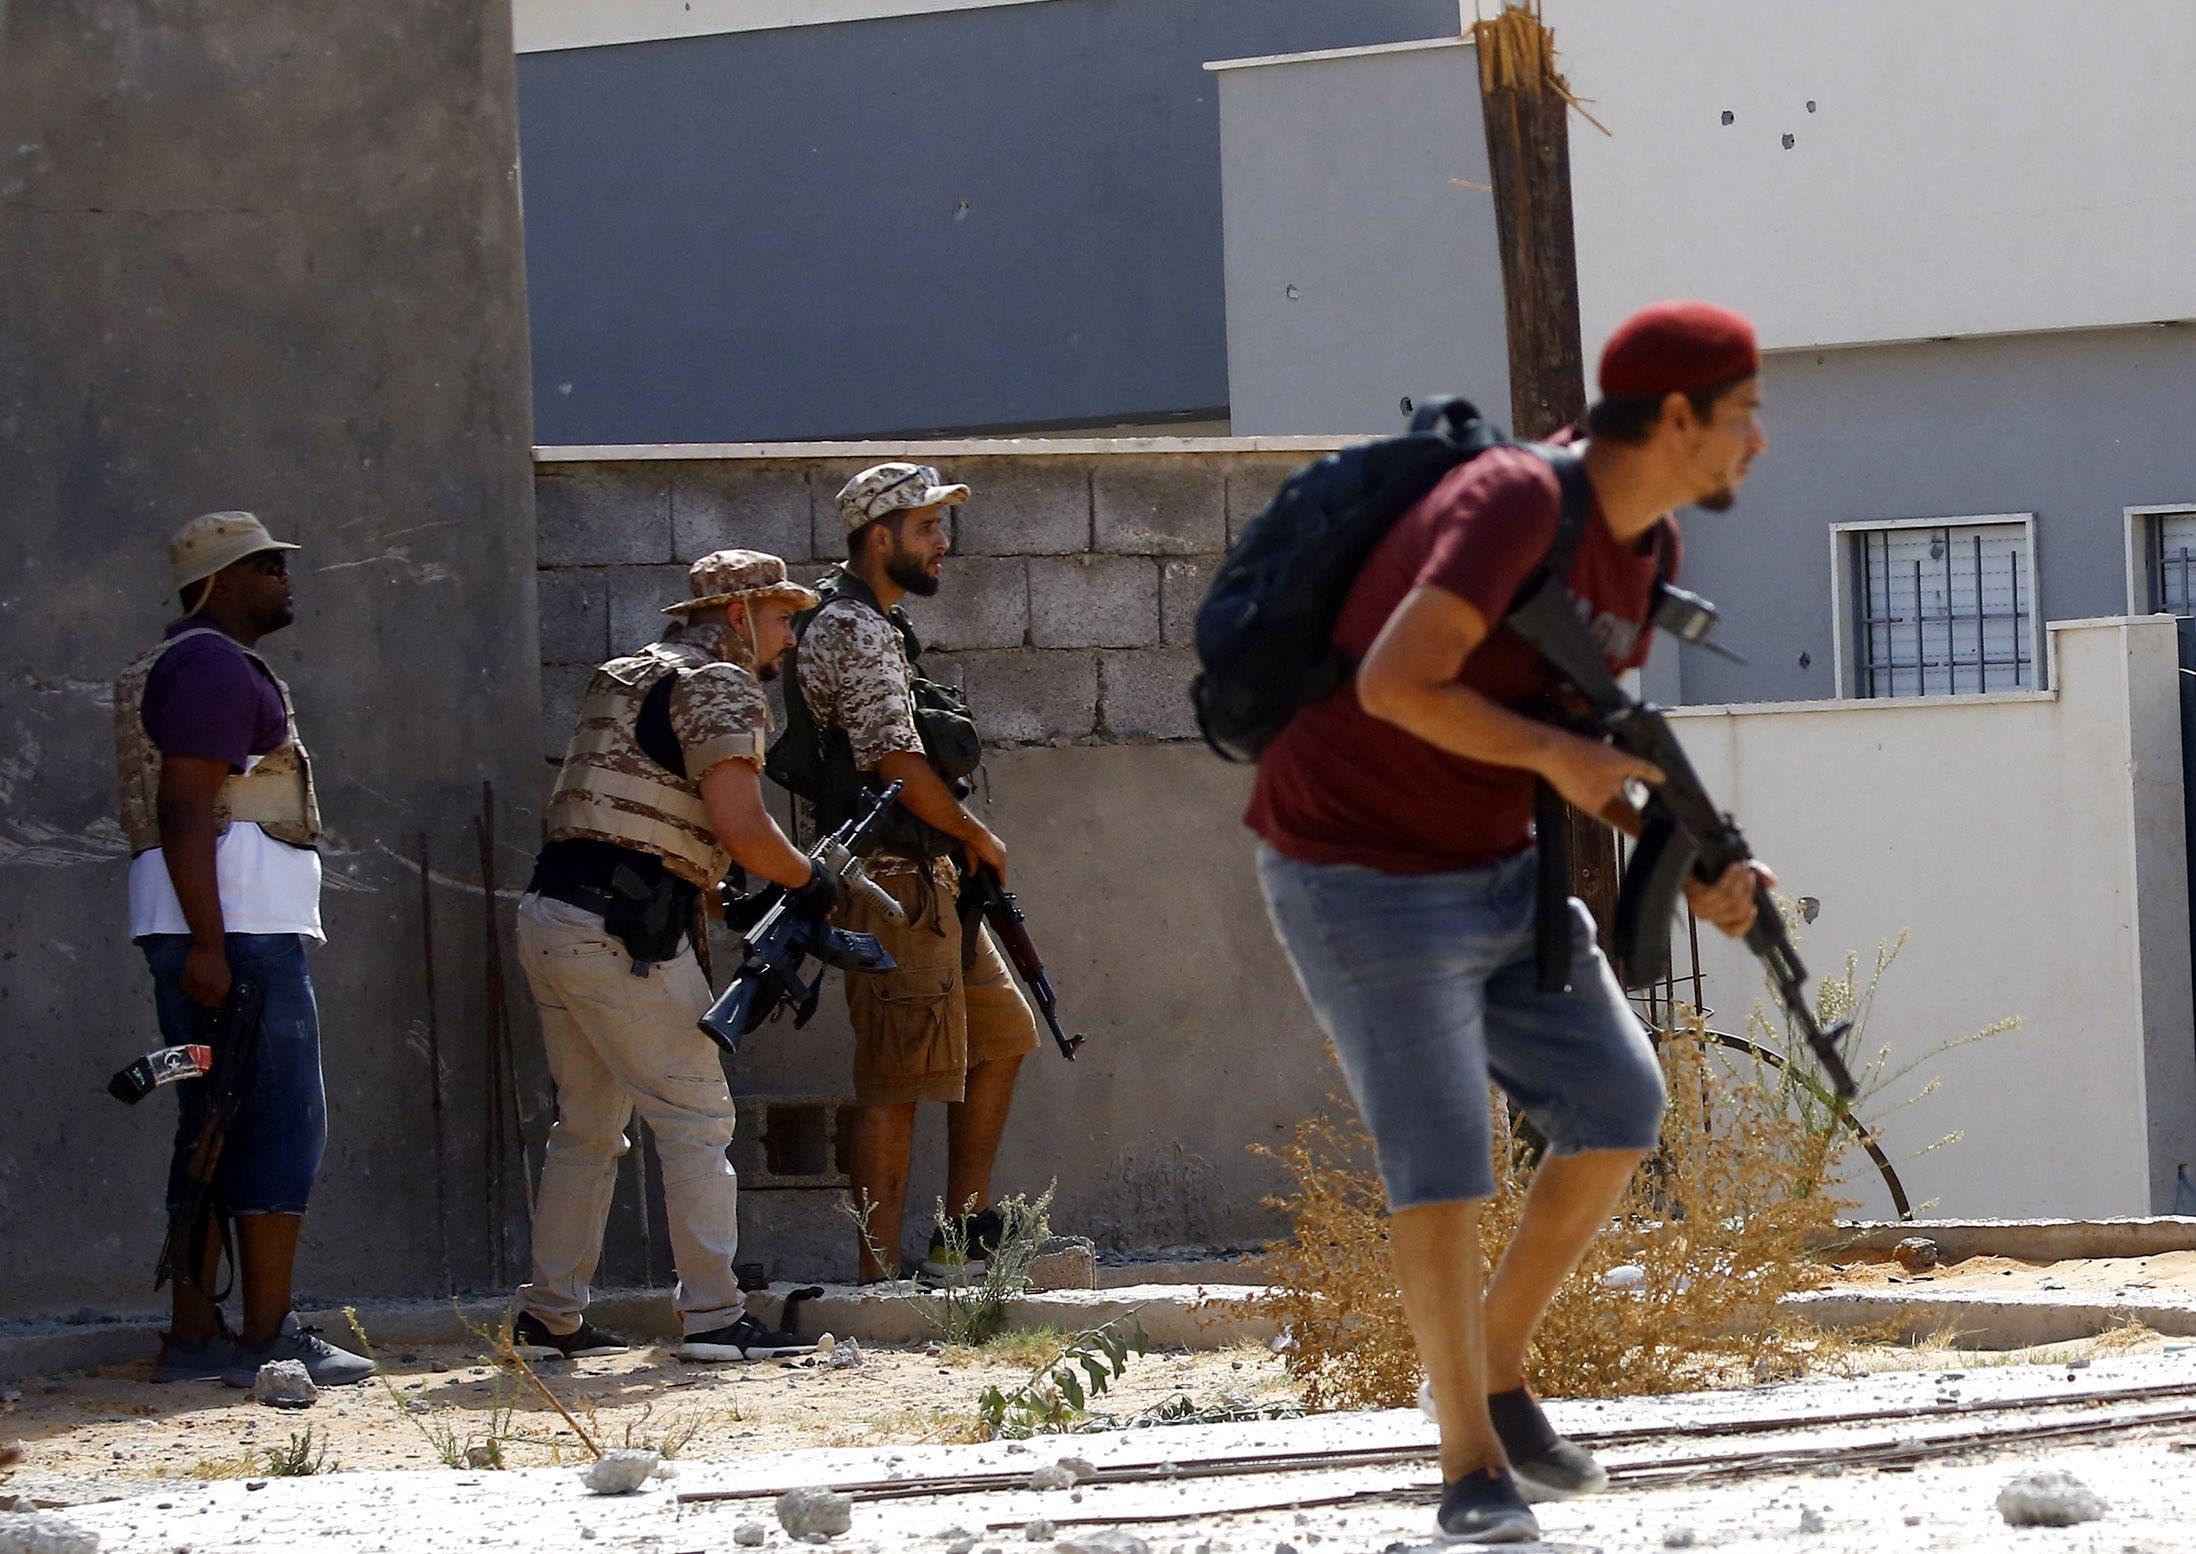 شبهنظامیان وابسته به الوفاق